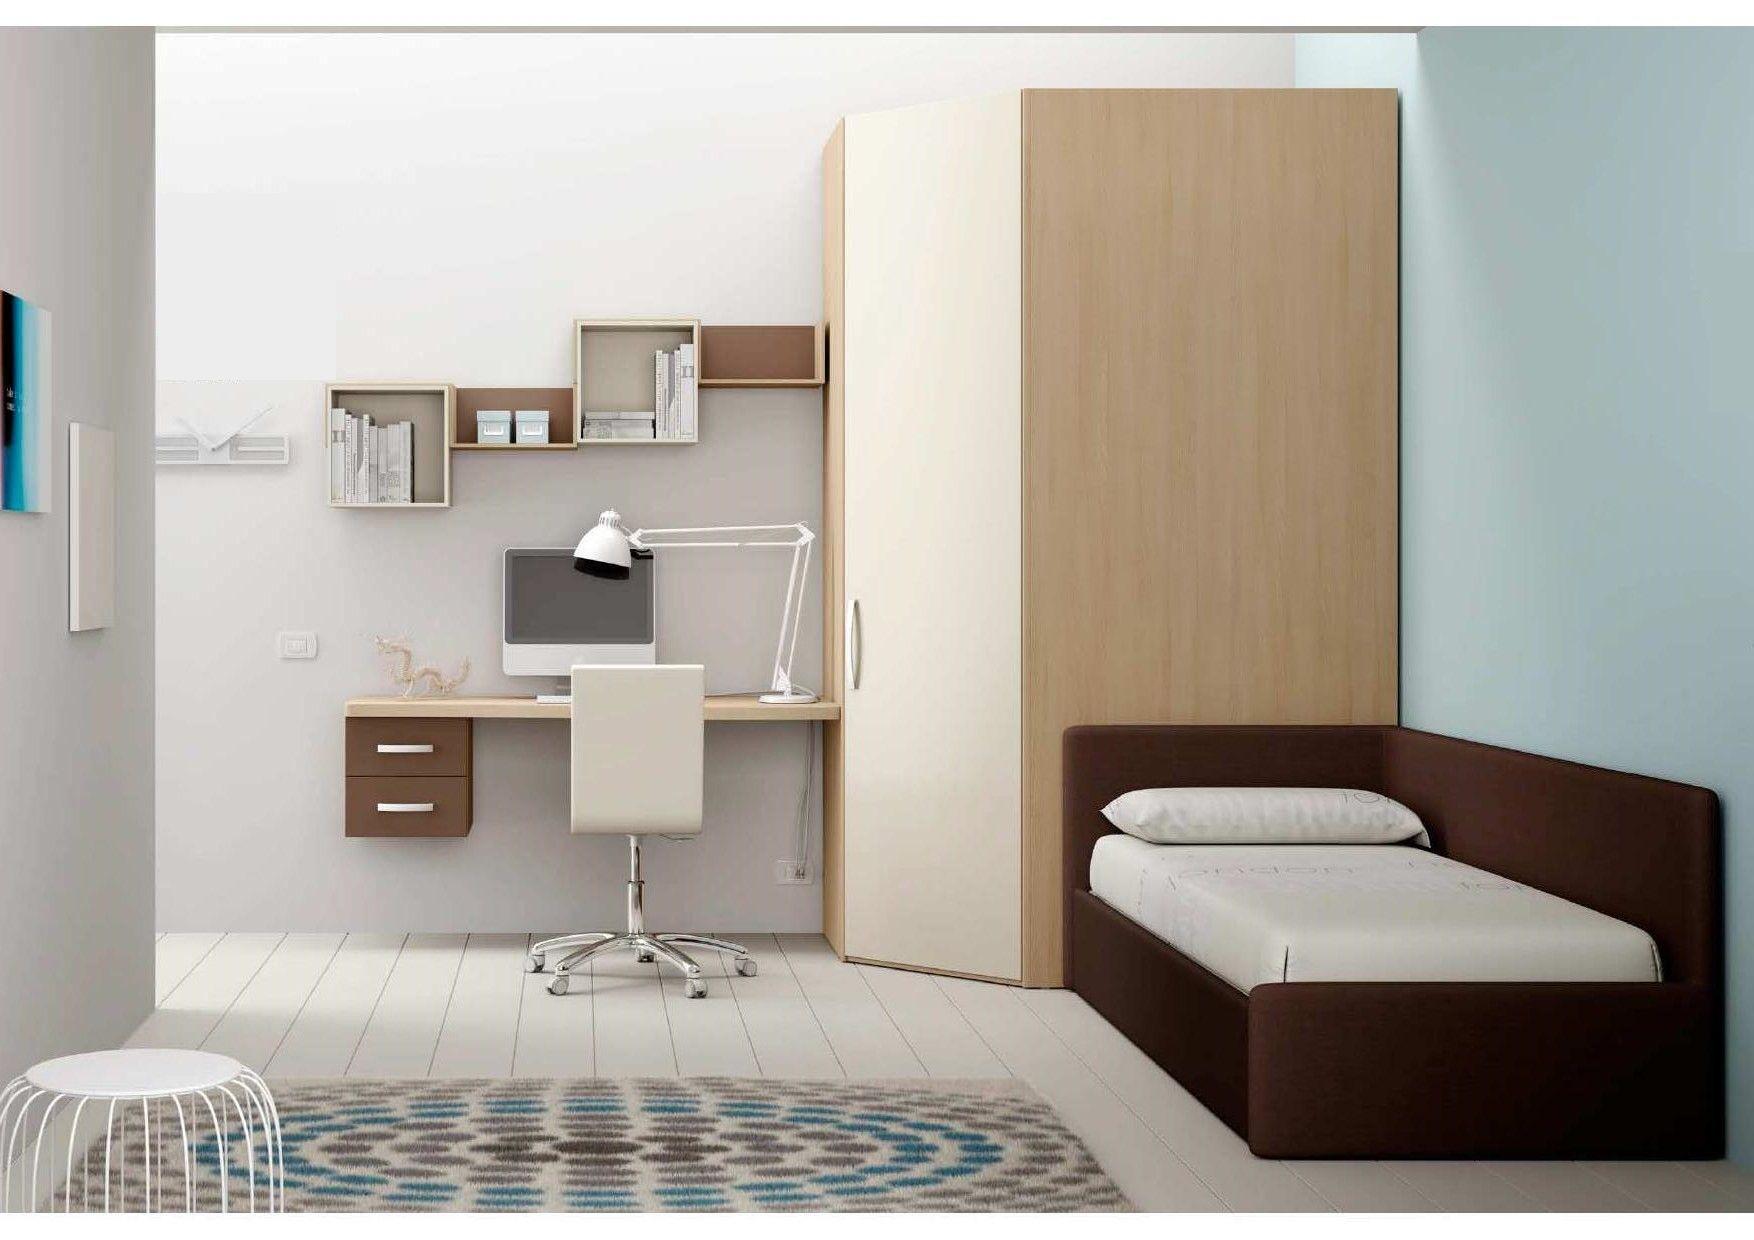 Cameretta completa di cabina armadio ad angolo divano letto imbottito mensole sagomate con - Divano letto cameretta ...